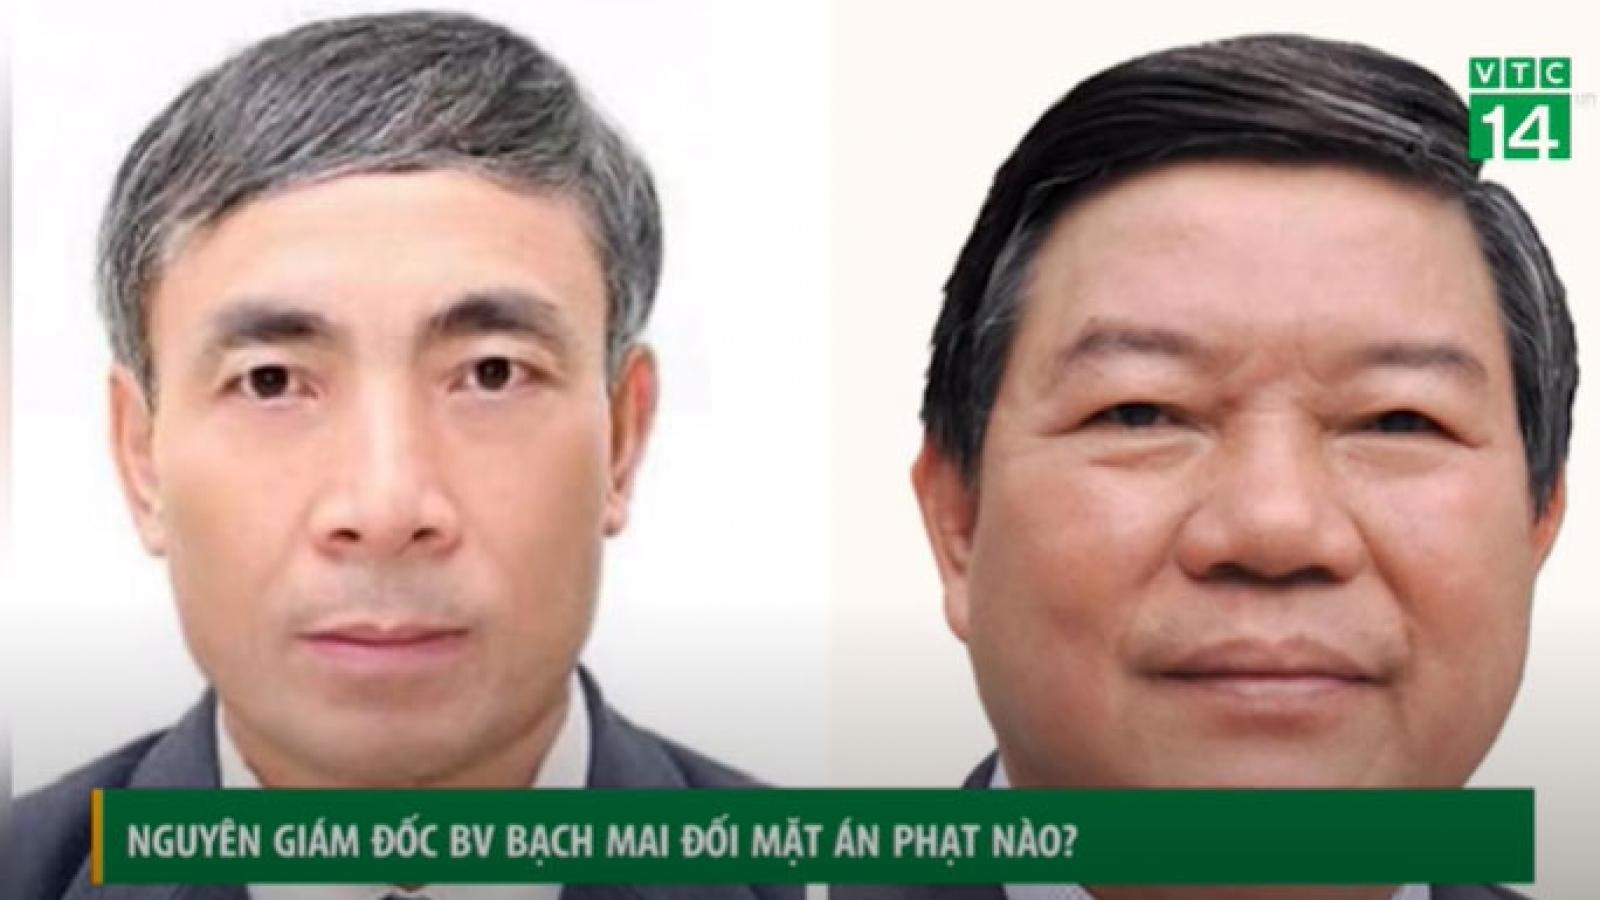 Cựu Giám đốc BV Bạch Mai đối mặt án phạt nào?